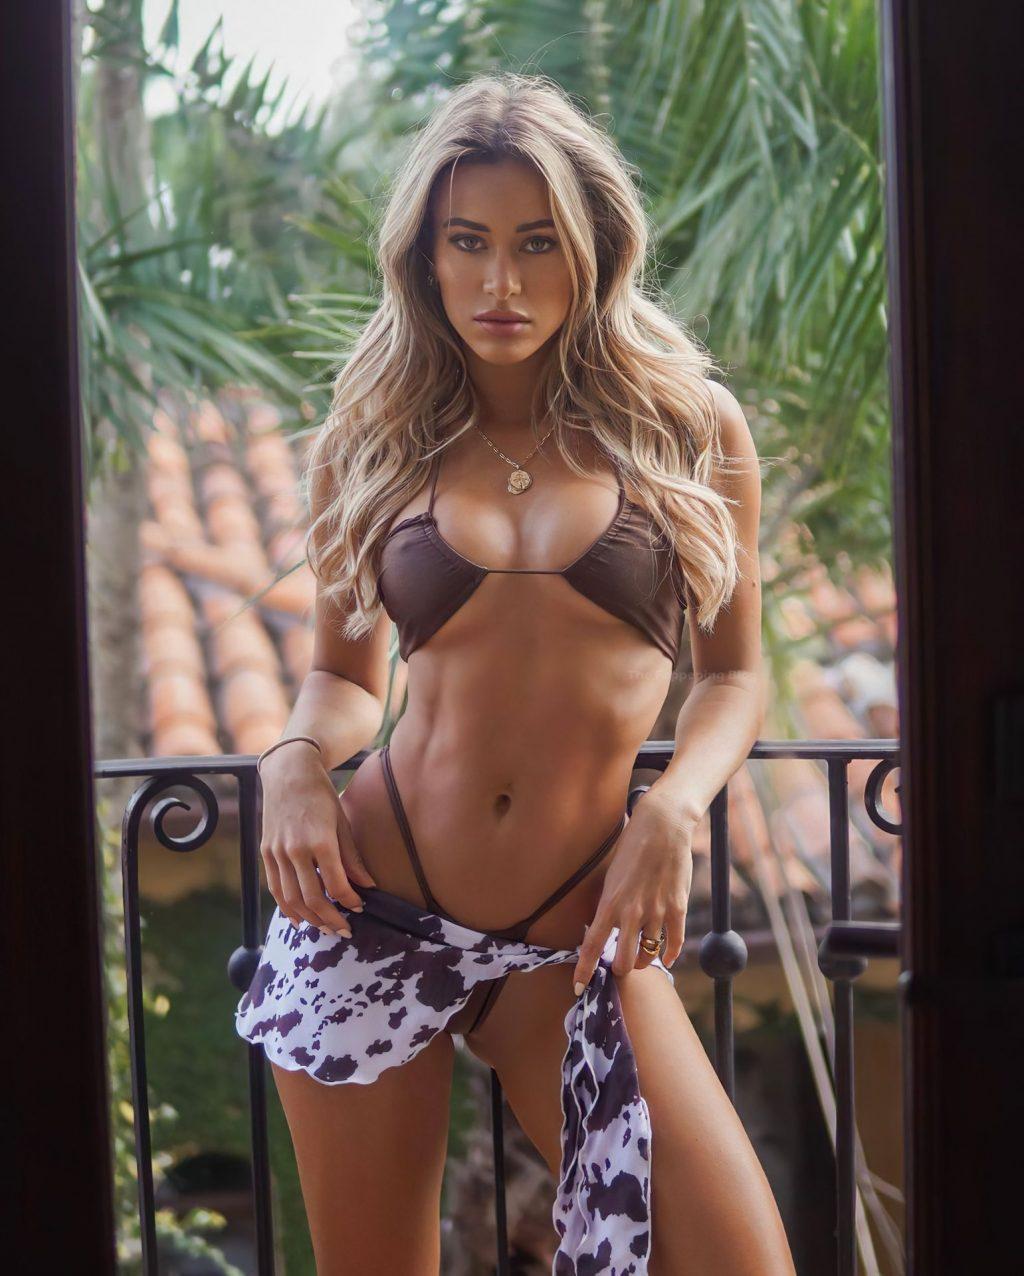 Cindy Prado Poses in a Sexy Bikini (8 Photos)